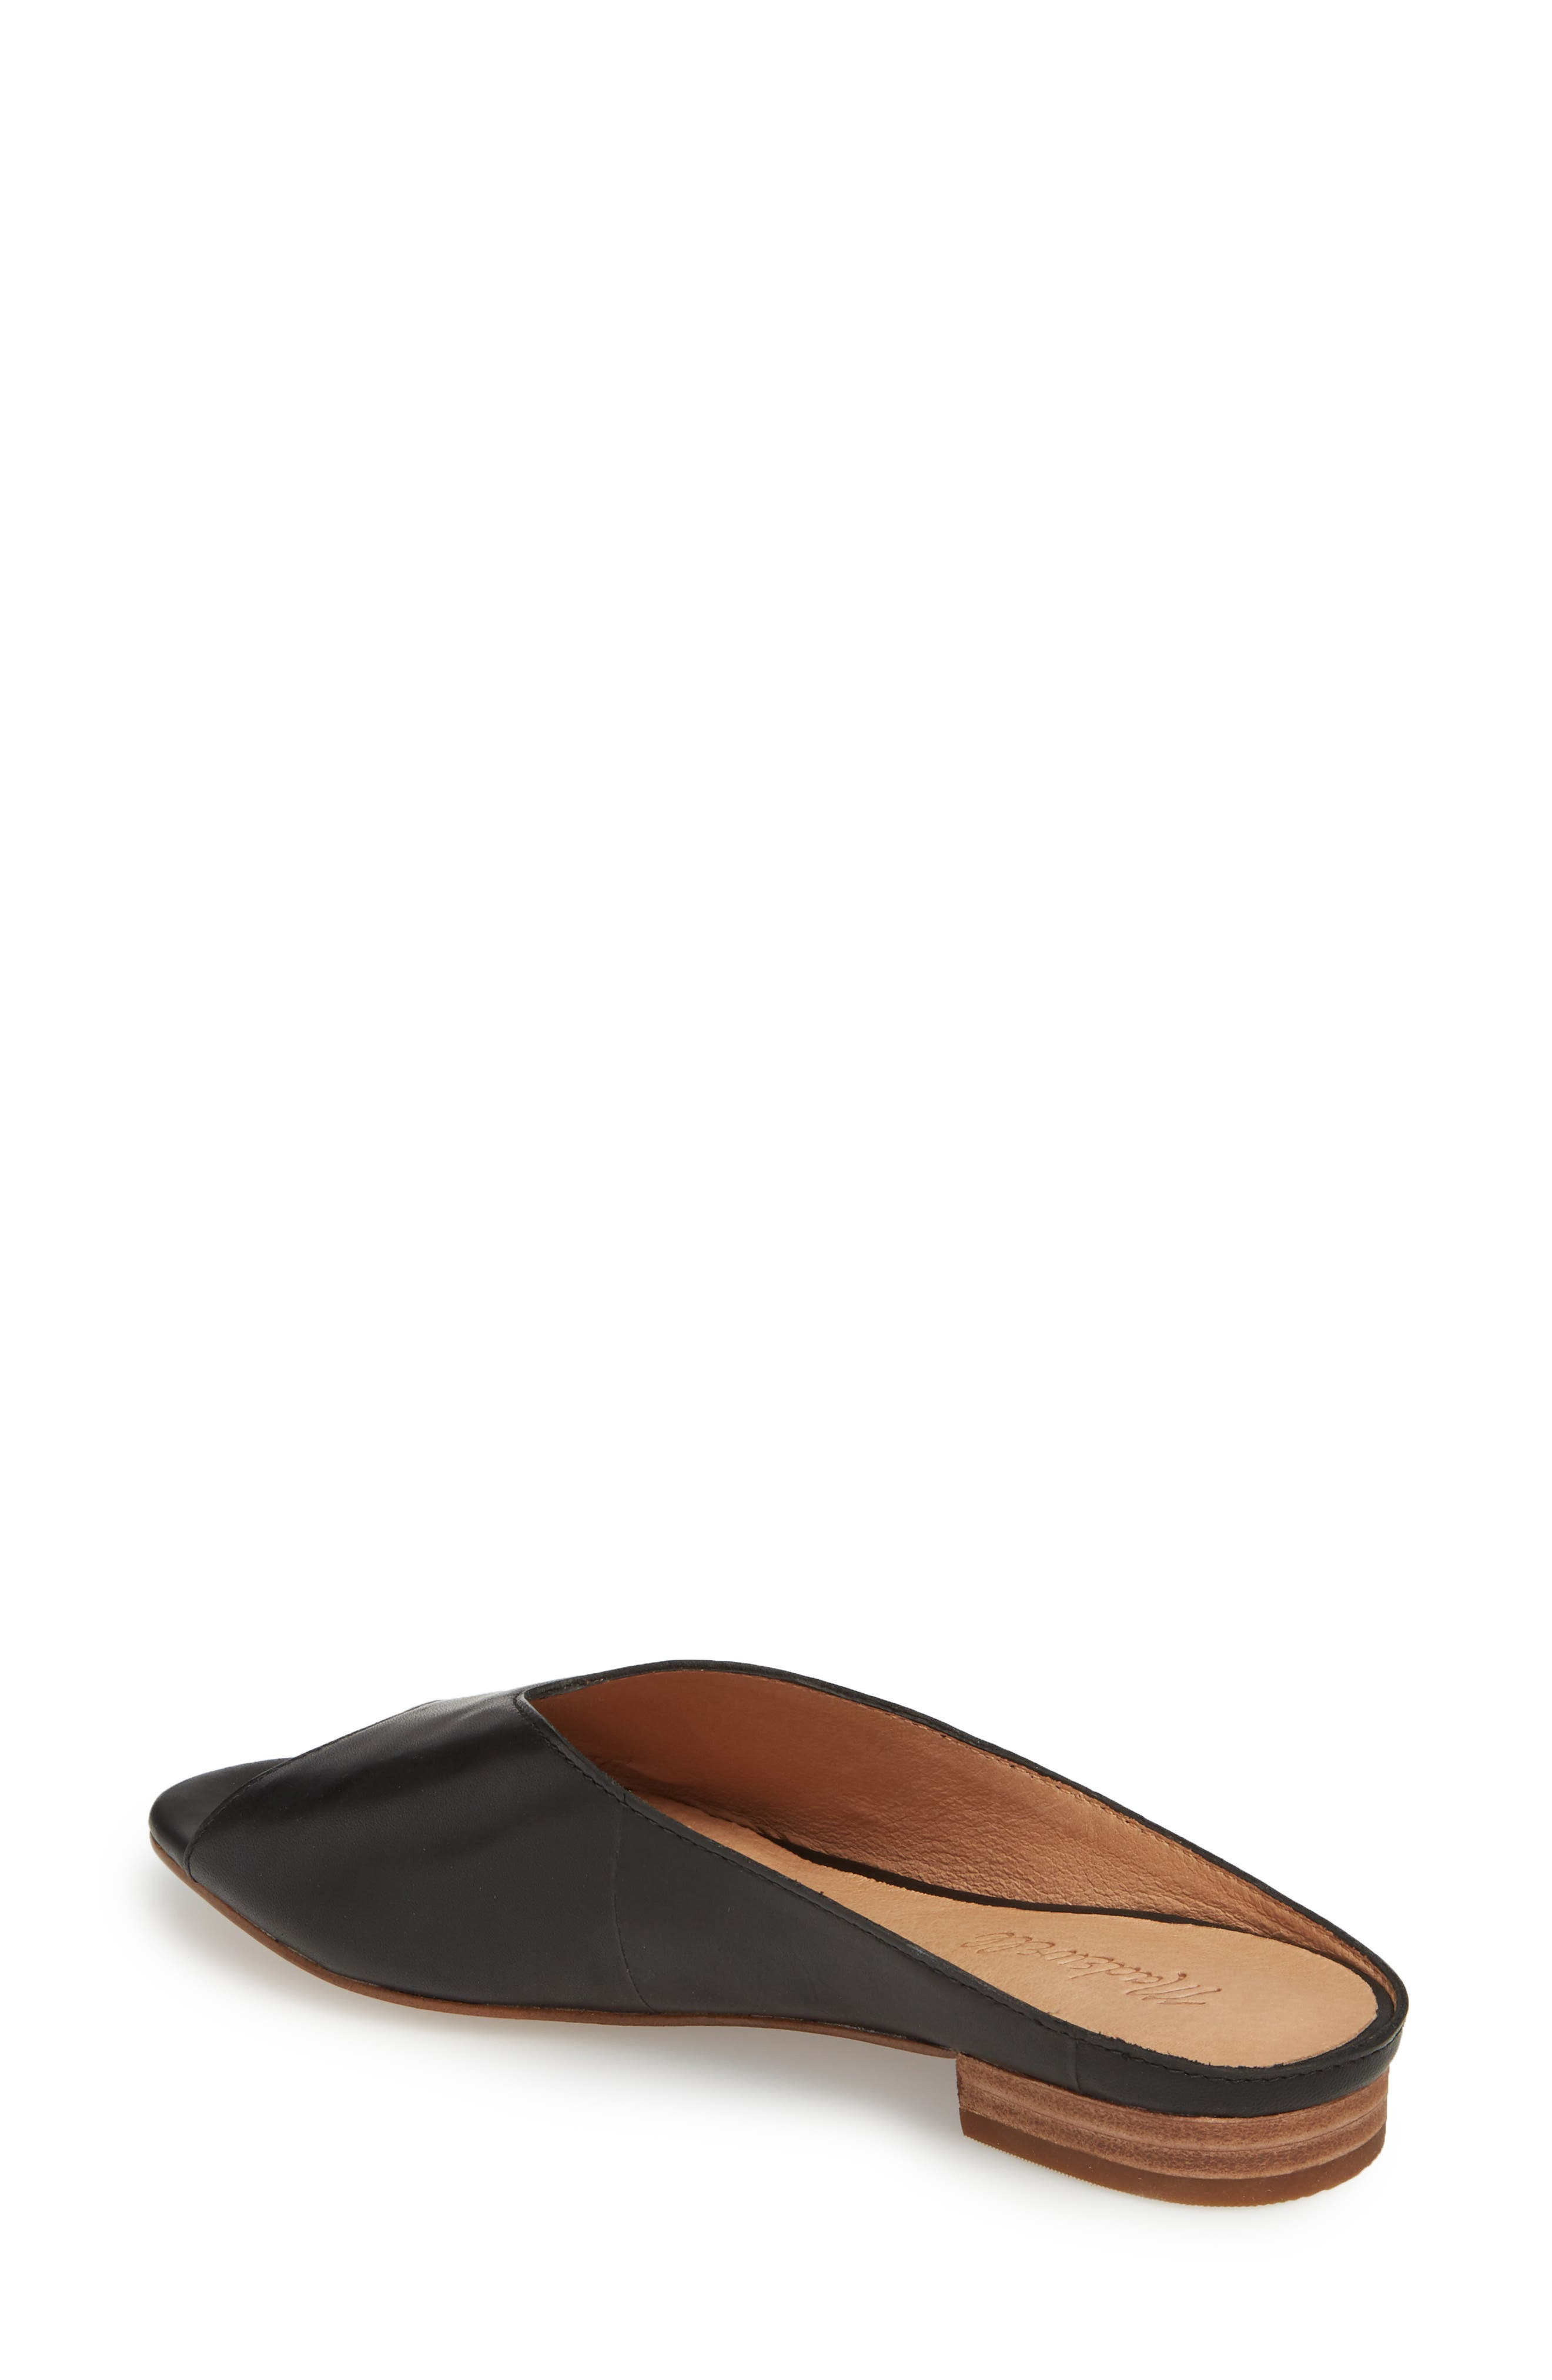 Tavi Slide Sandal,                             Alternate thumbnail 4, color,